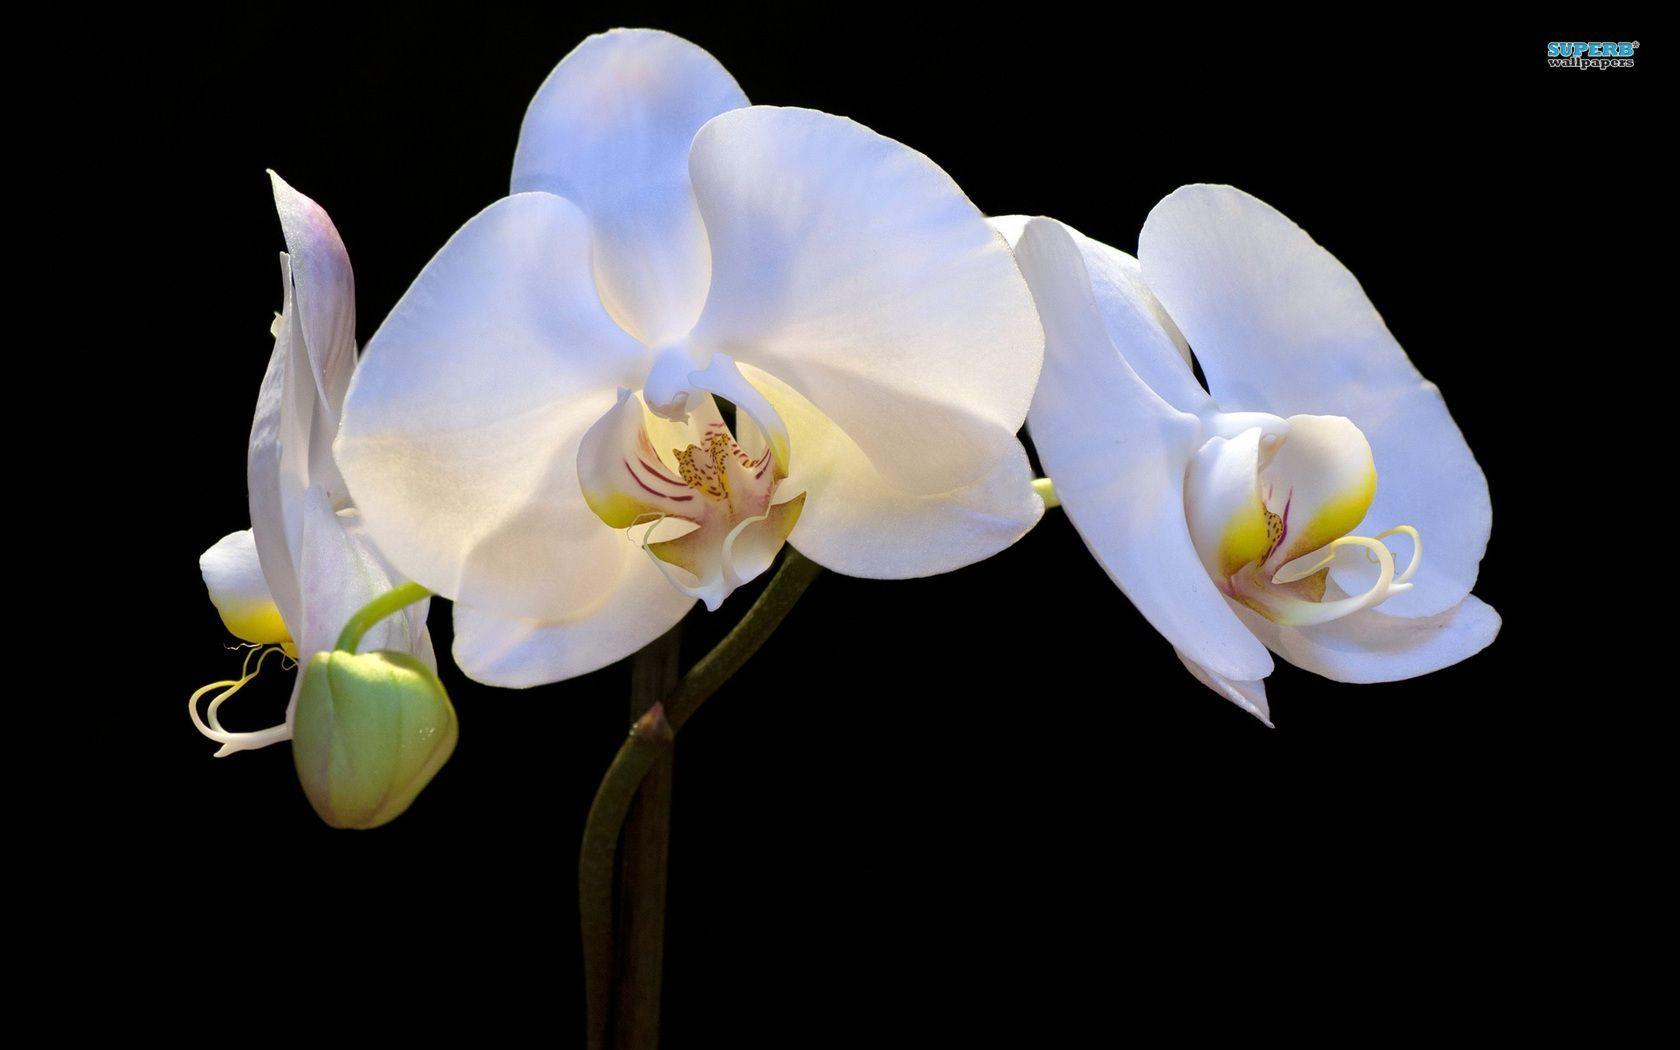 Kptallat A Kvetkezre Orchid Wallpaper Flowers Pinterest